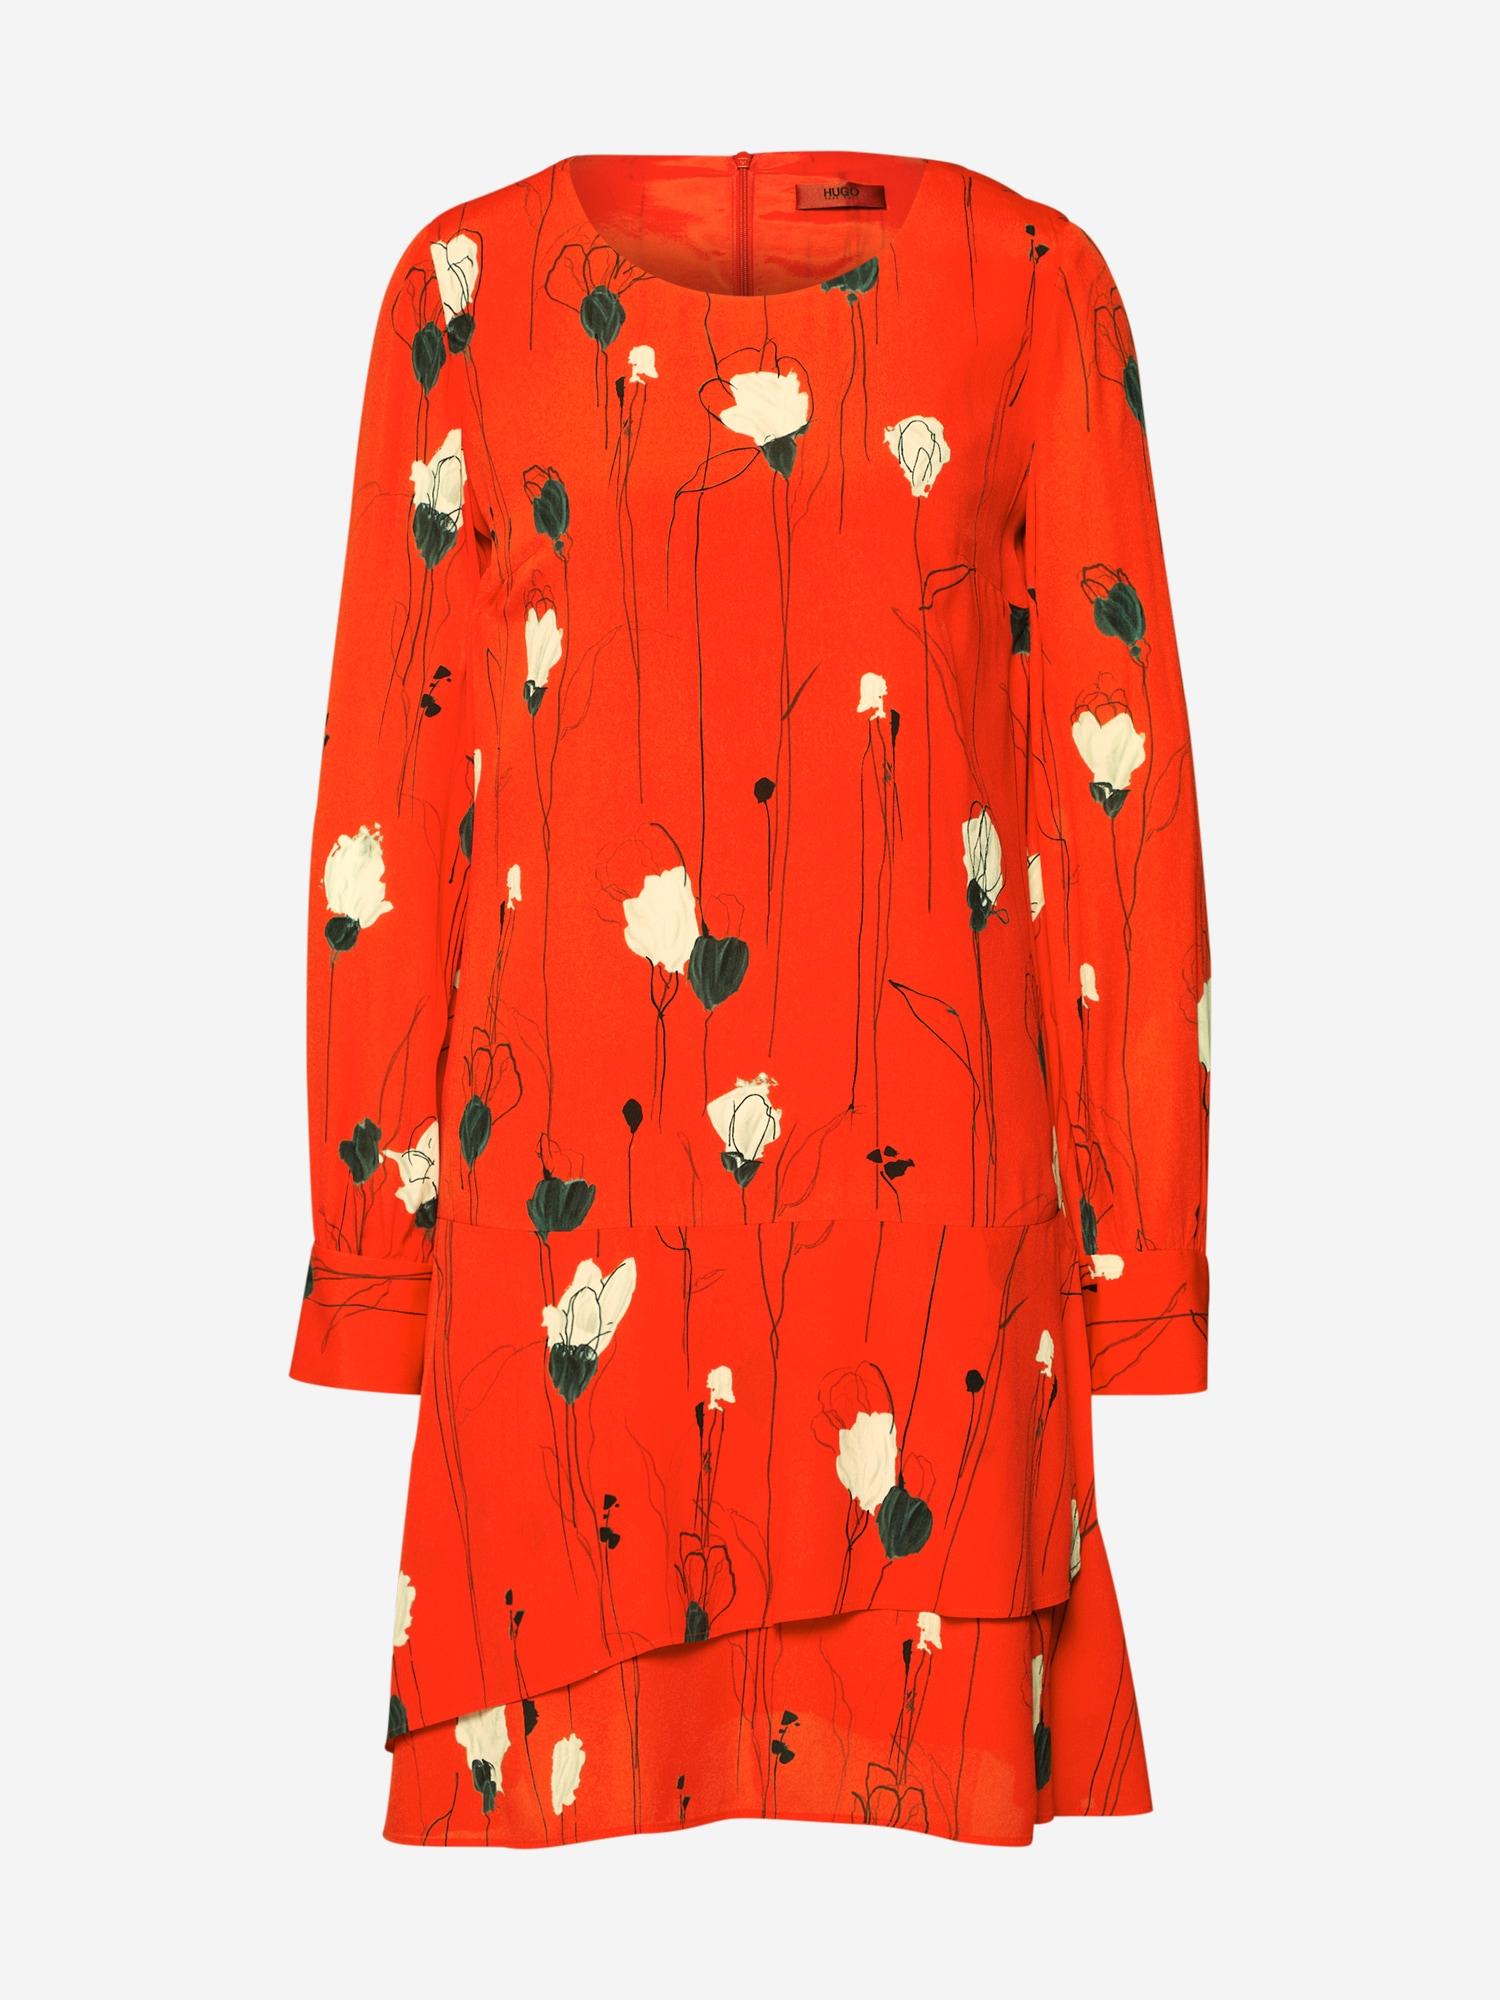 Šaty Klenani světle červená HUGO